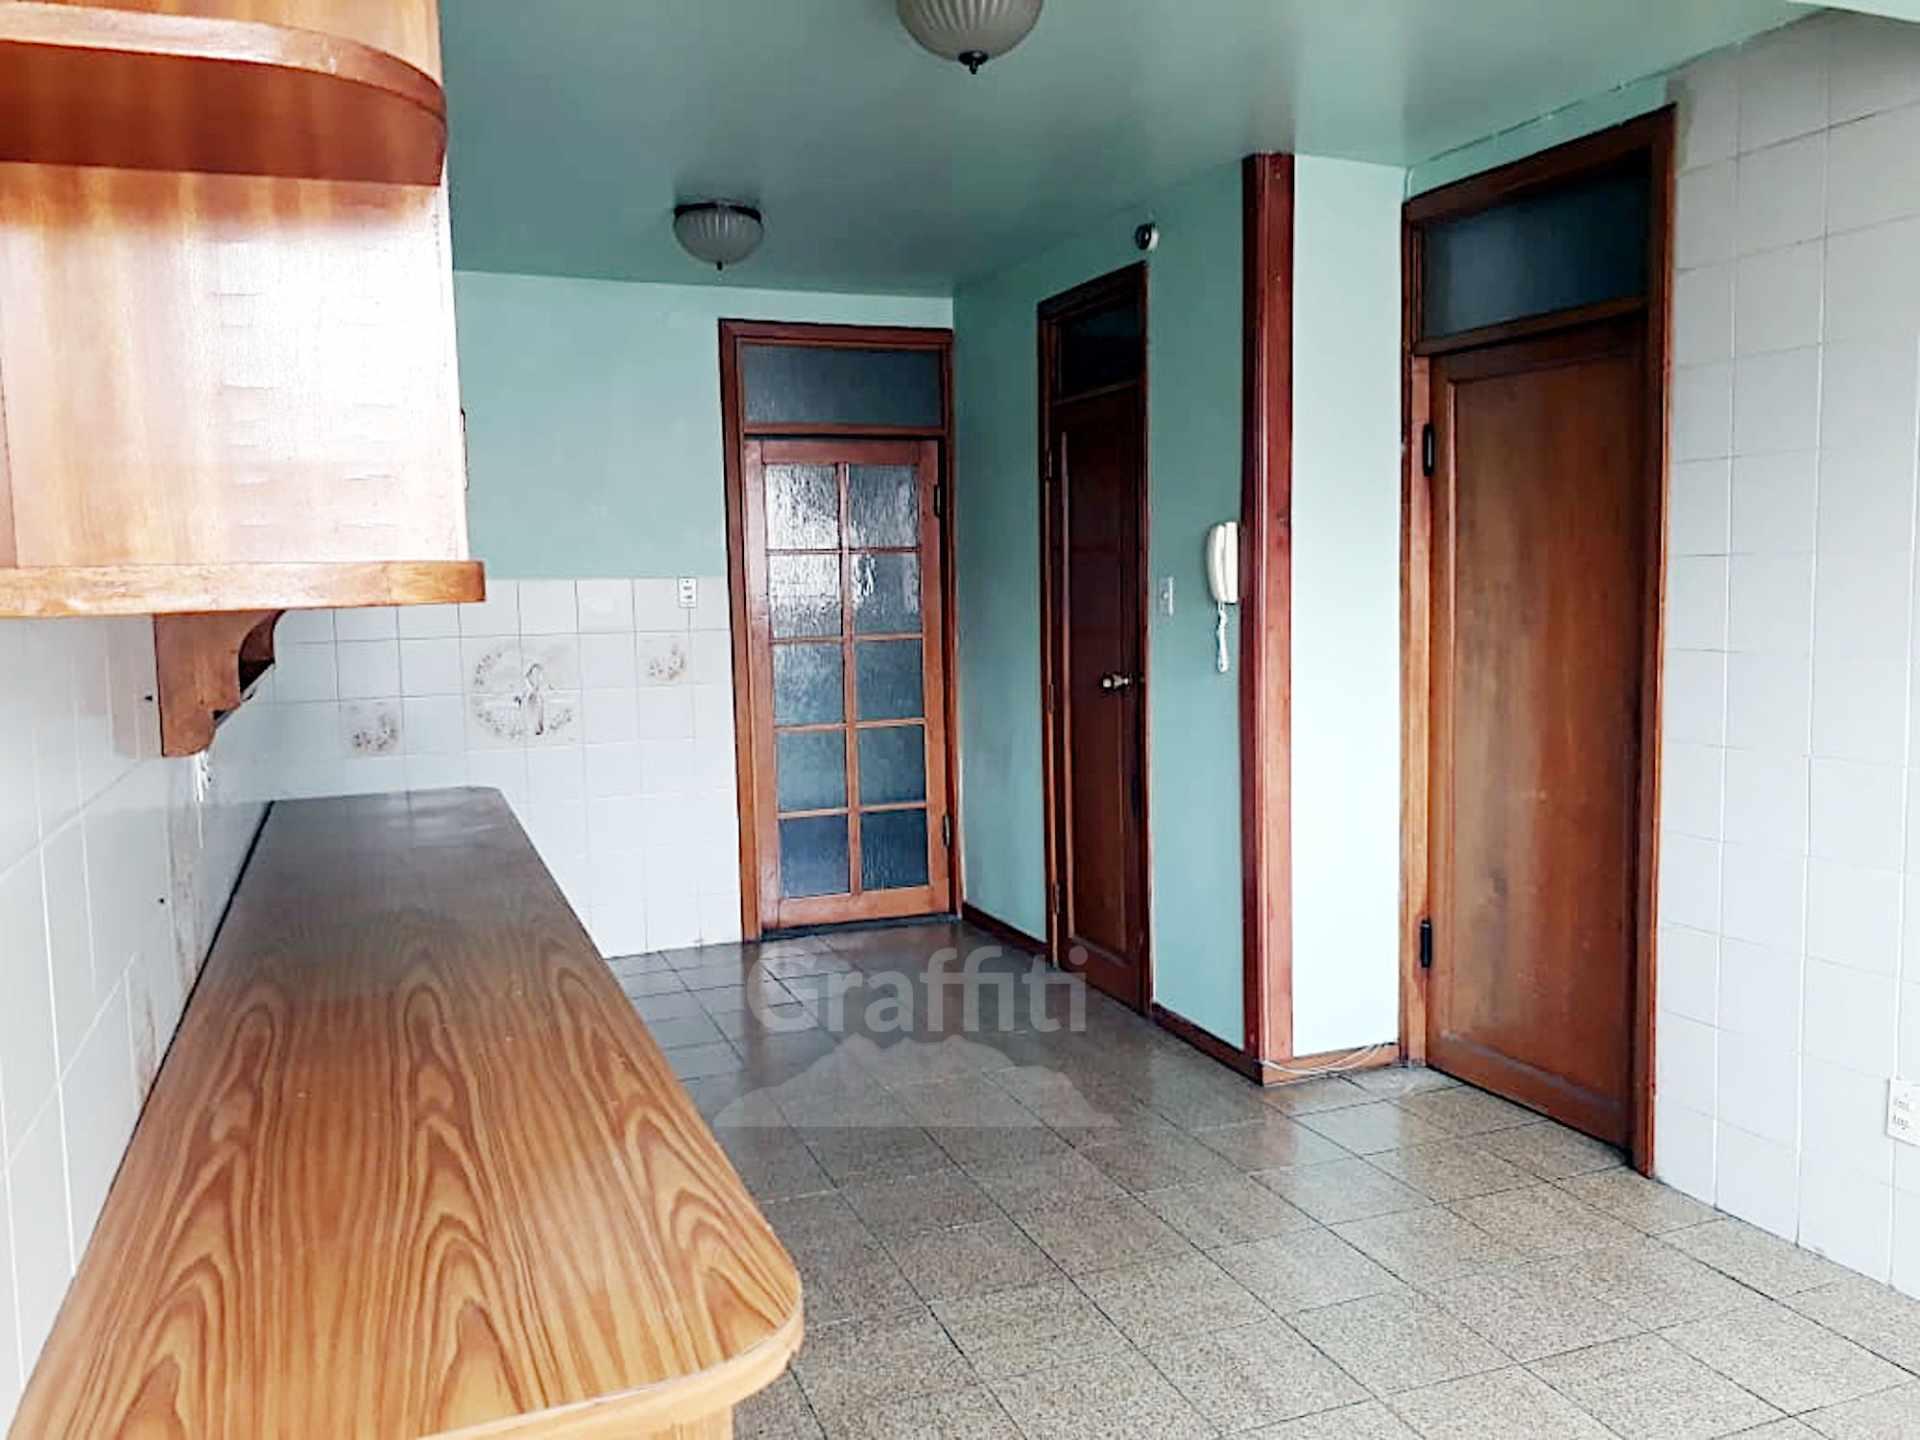 Departamento en Venta Irpavi, calle 2 Foto 5